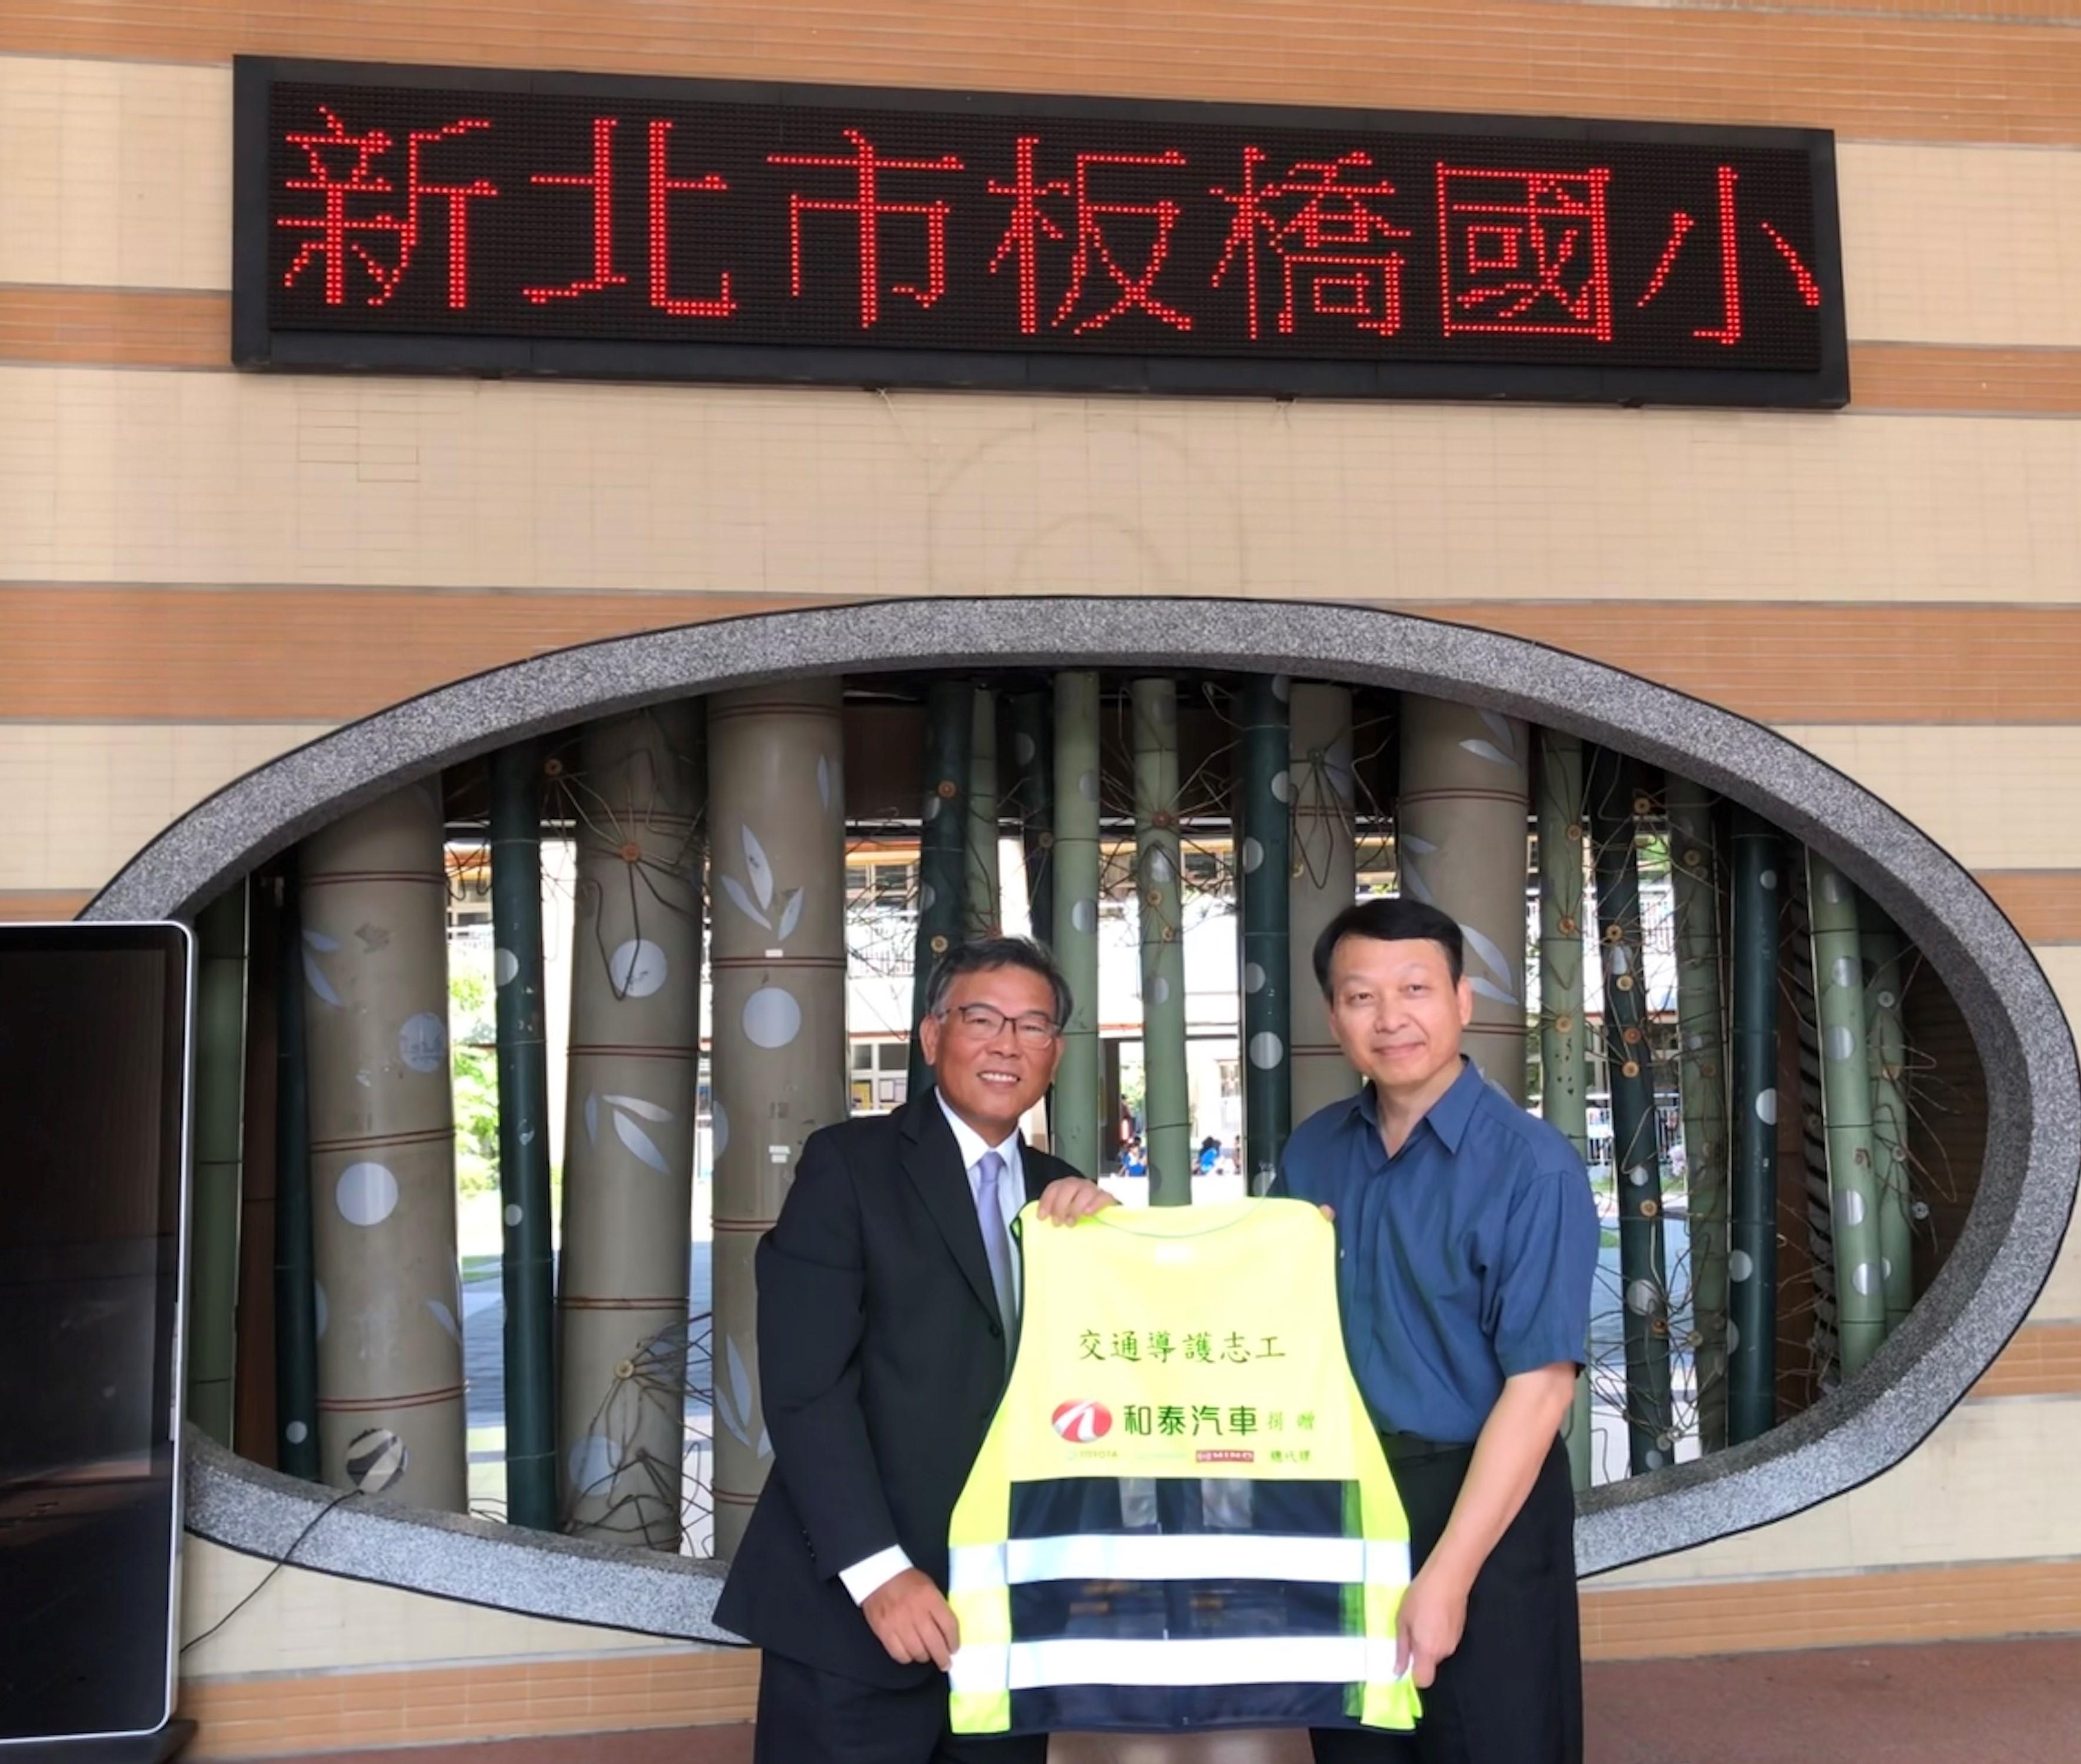 和泰汽車劉松山協理(左)捐贈導護裝備予板橋國小林義祥校長(右)。